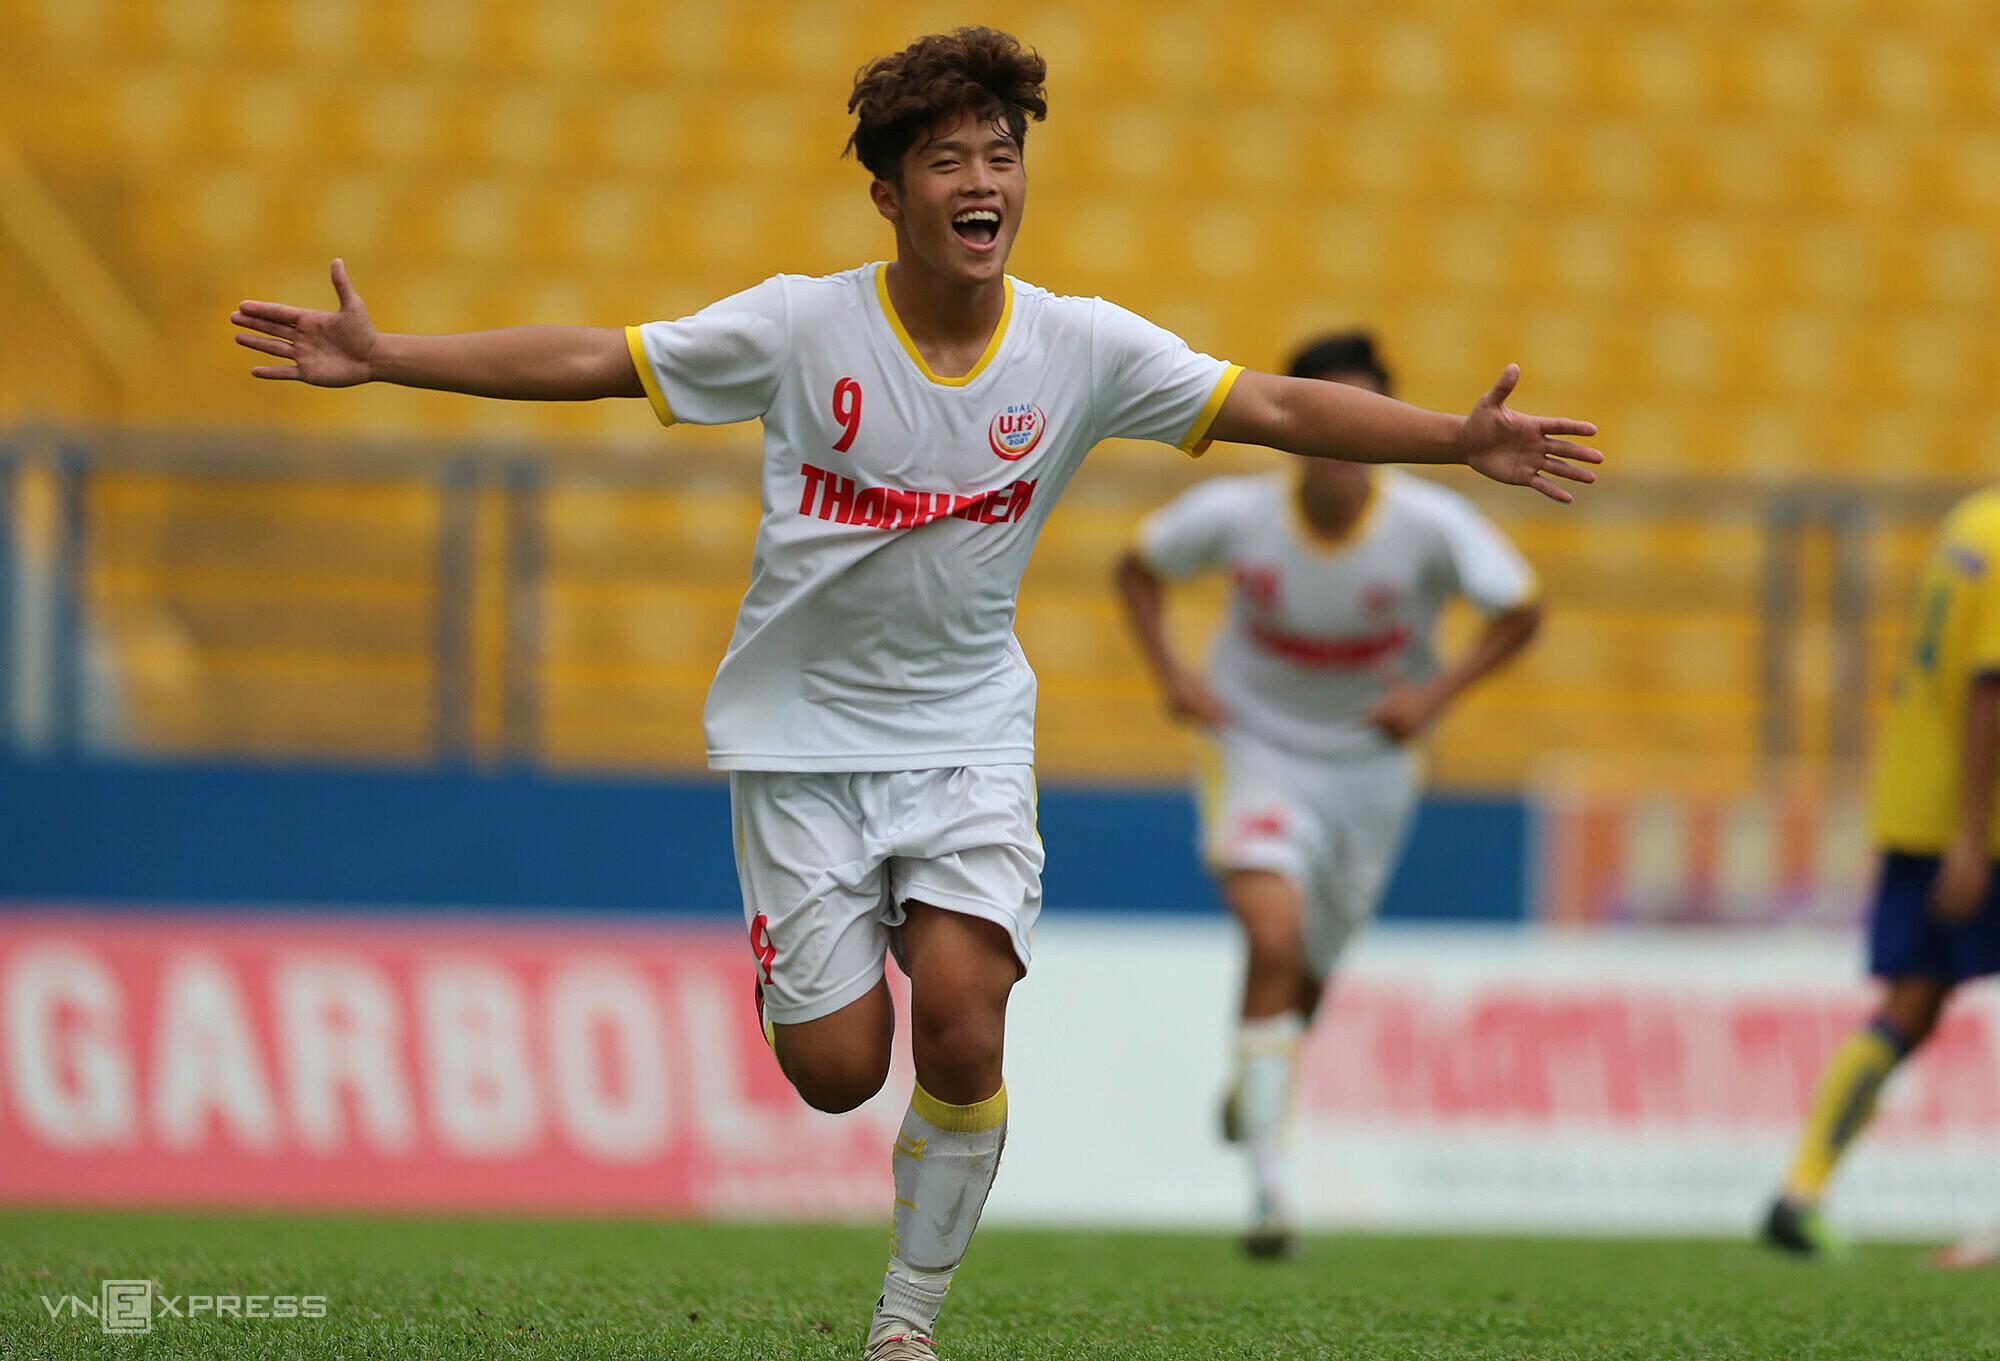 Bằng lối chơi đẹp mắt và hiệu quả, học viện Nutifood vào tứ kết giải U19 quốc gia 2021 với ba trận toàn thắng. Ảnh: Đức Đồng.